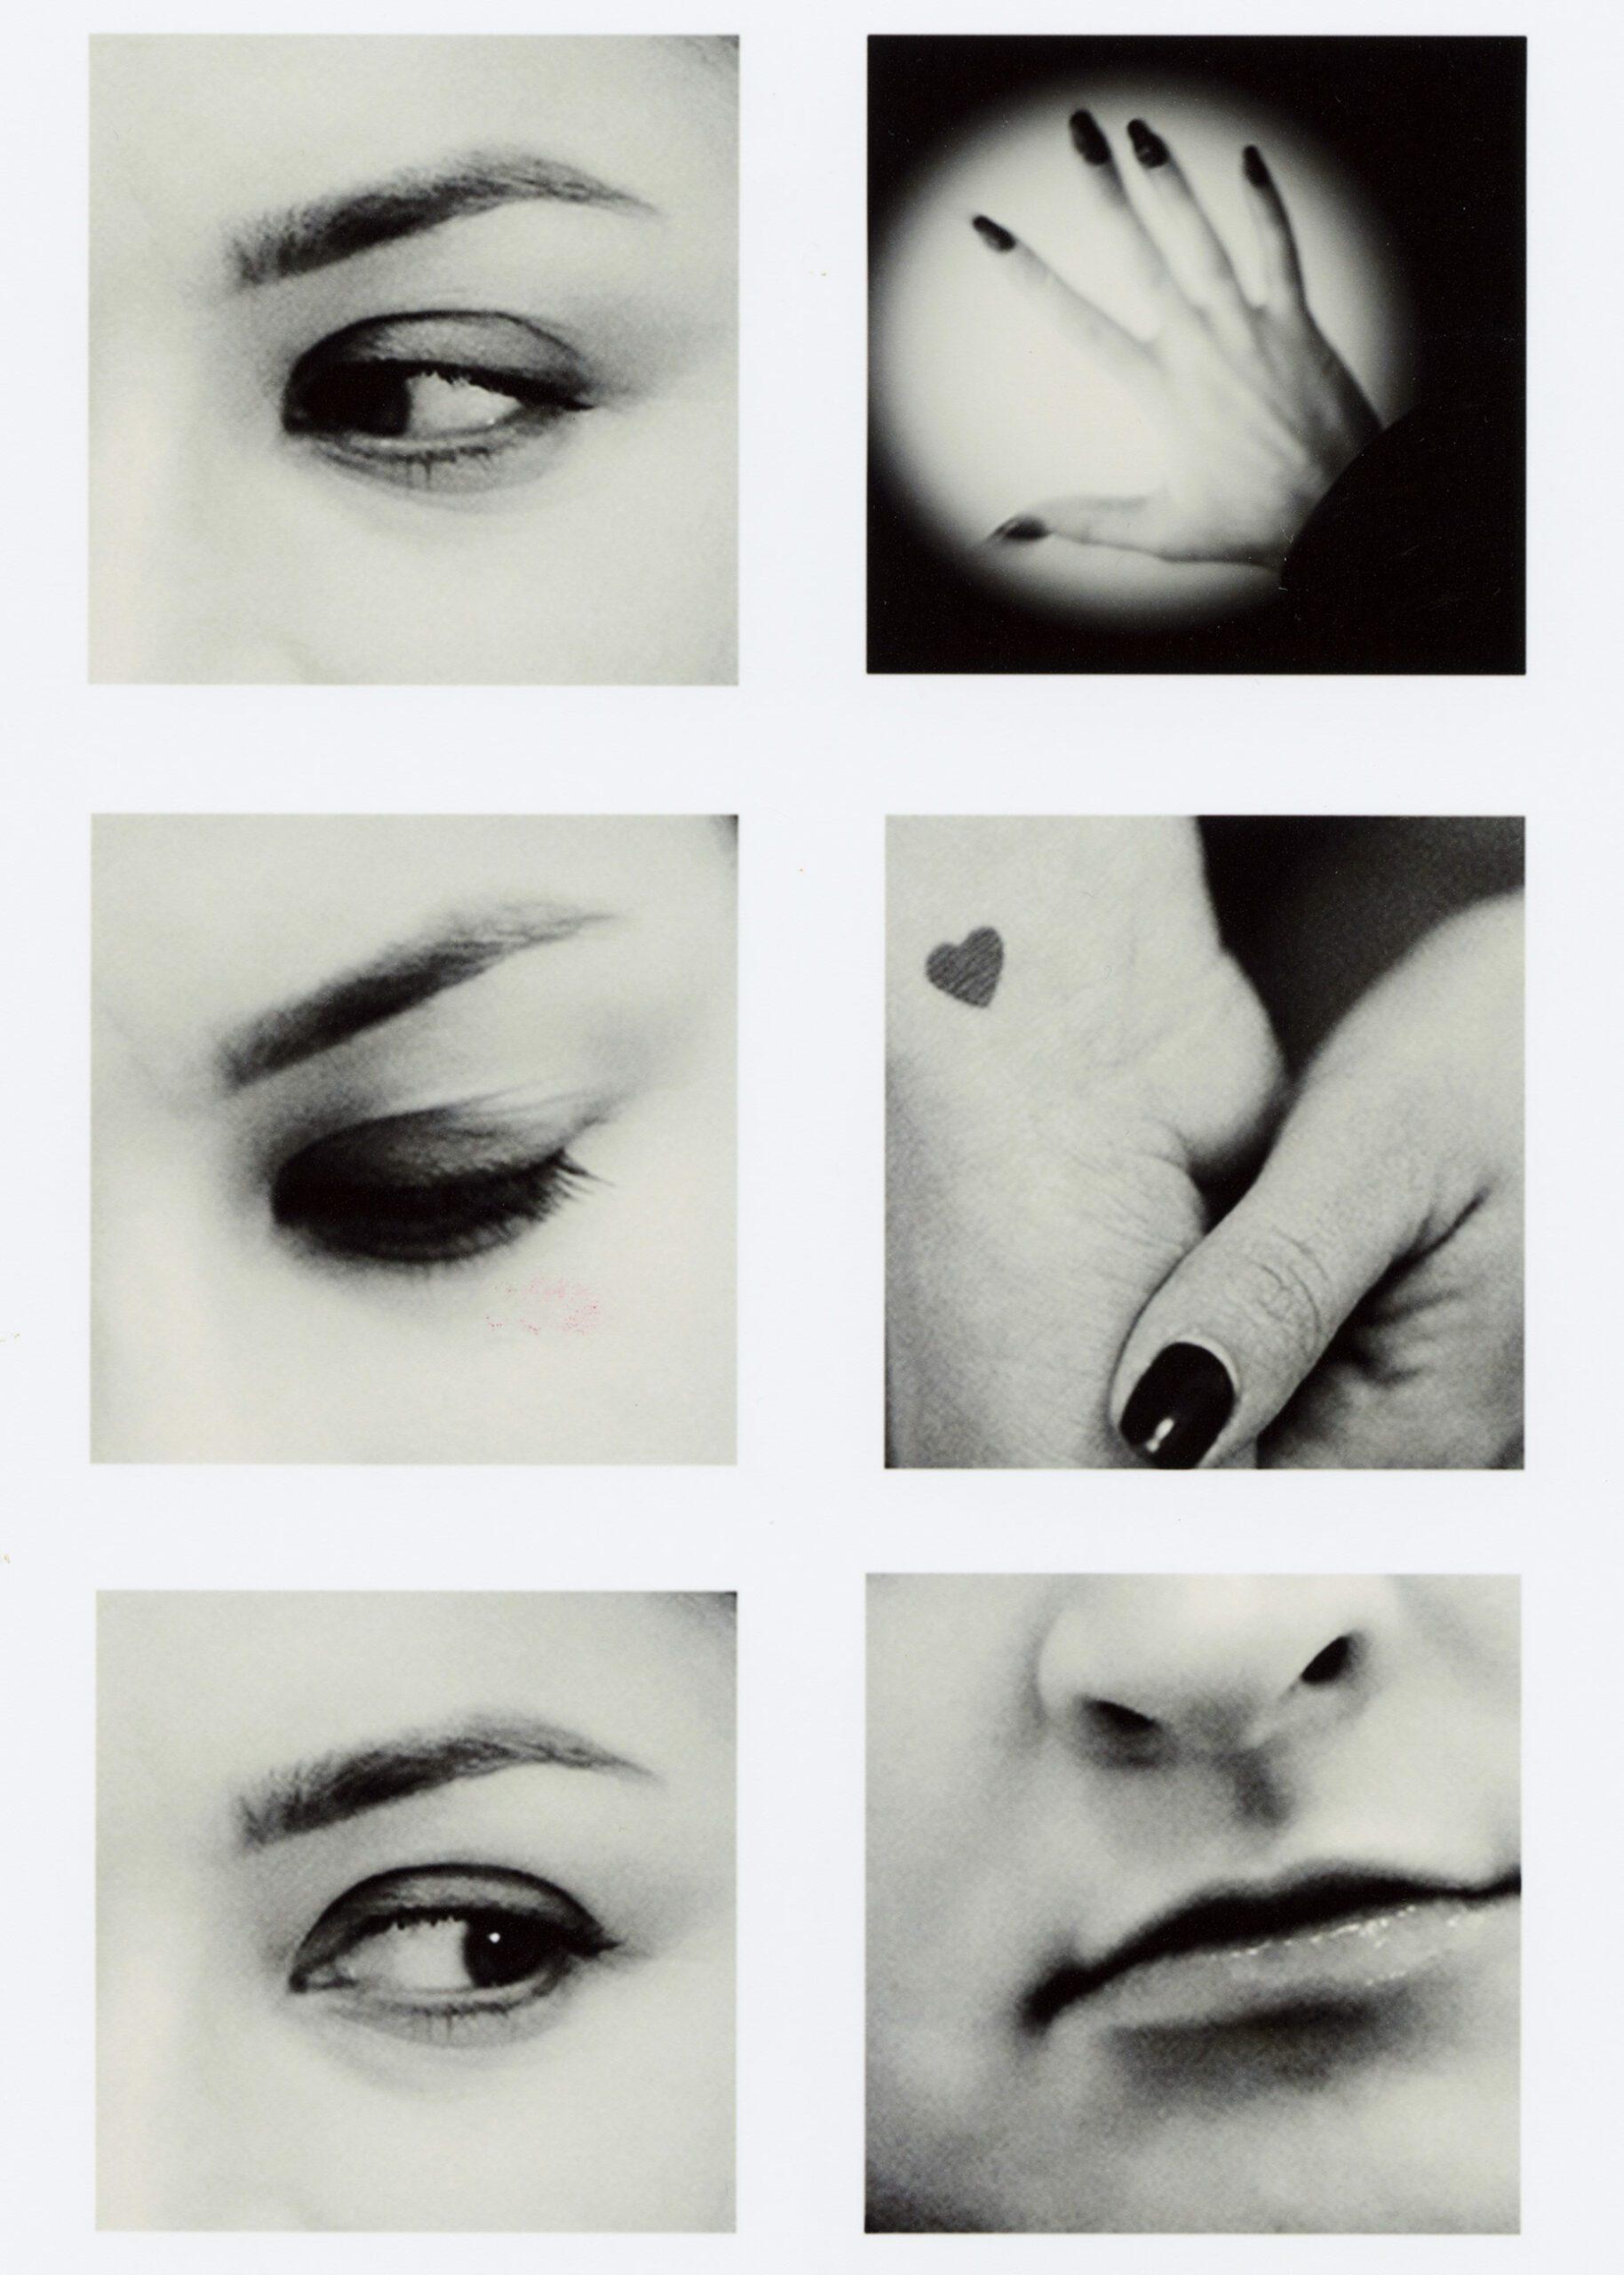 zabor ona evhenia 4 scaled - <b>«Я боялася, що він її вб'є та сяде до в'язниці».</b> Дві історії людей, які в дитинстві стали свідками домашнього насильства - Заборона